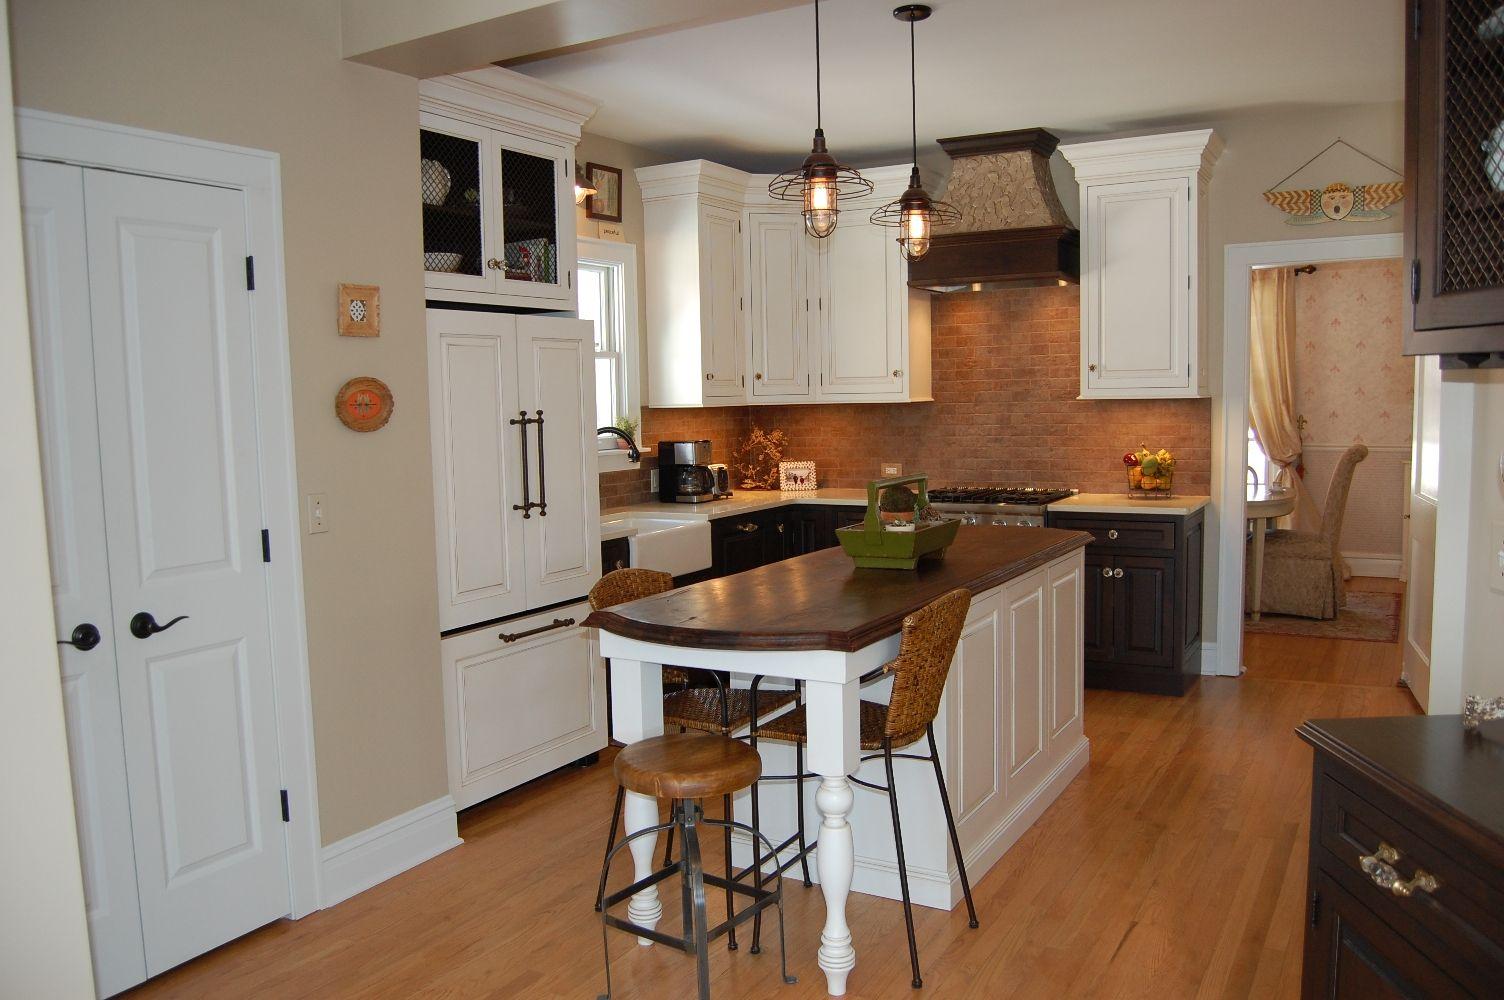 Kleine Küche Inseln Mit Sitzgelegenheiten Dies ist die neueste ...